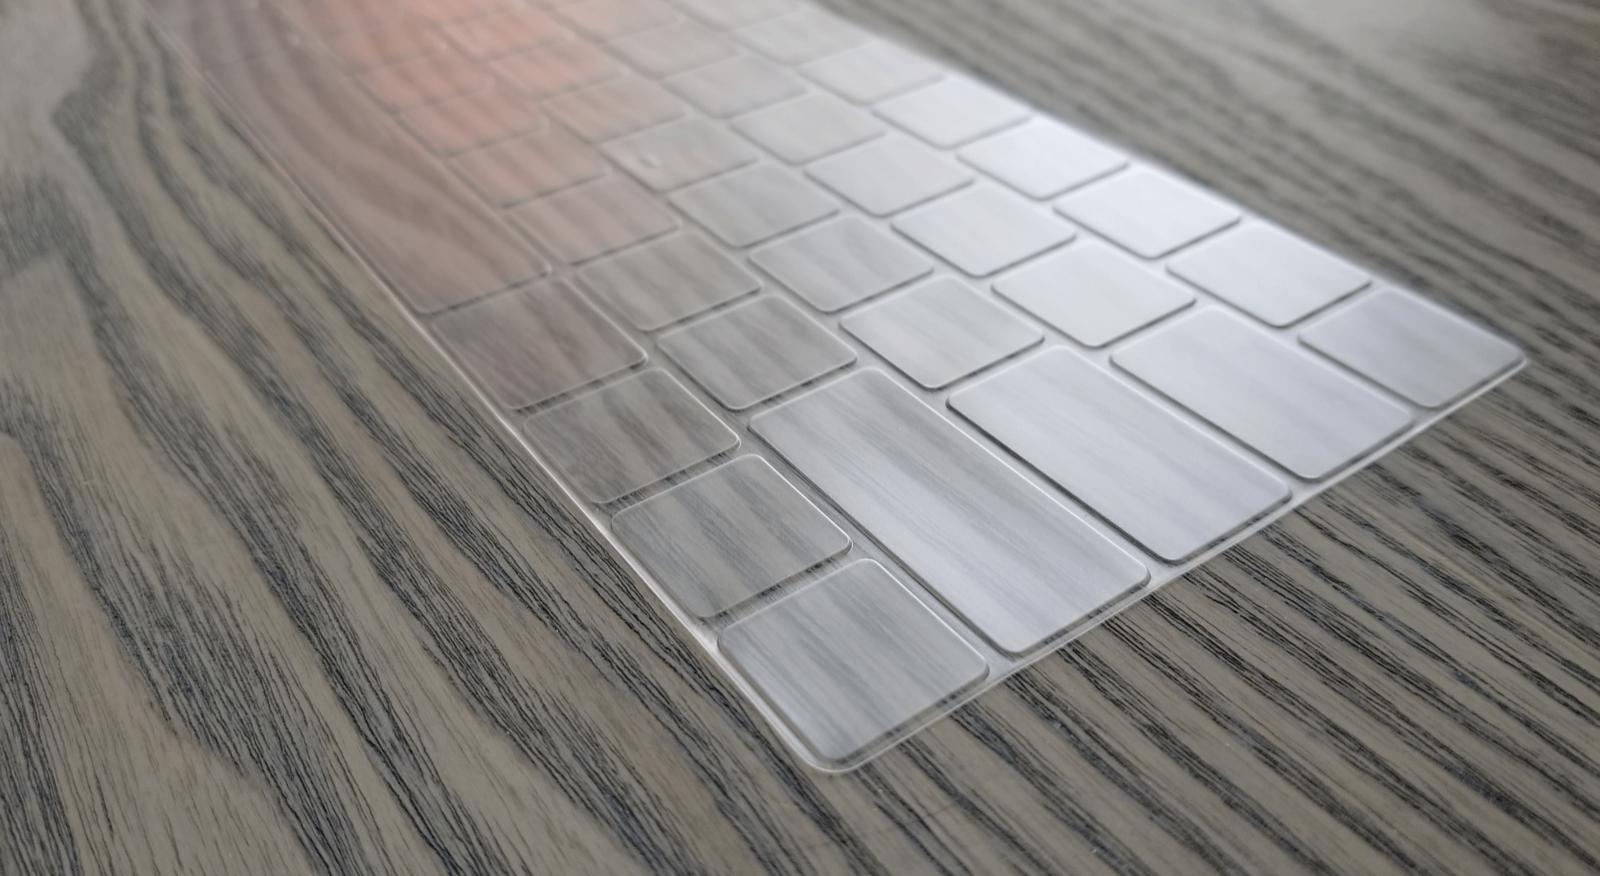 Waterproof Clear Skin Apple Pro Bar